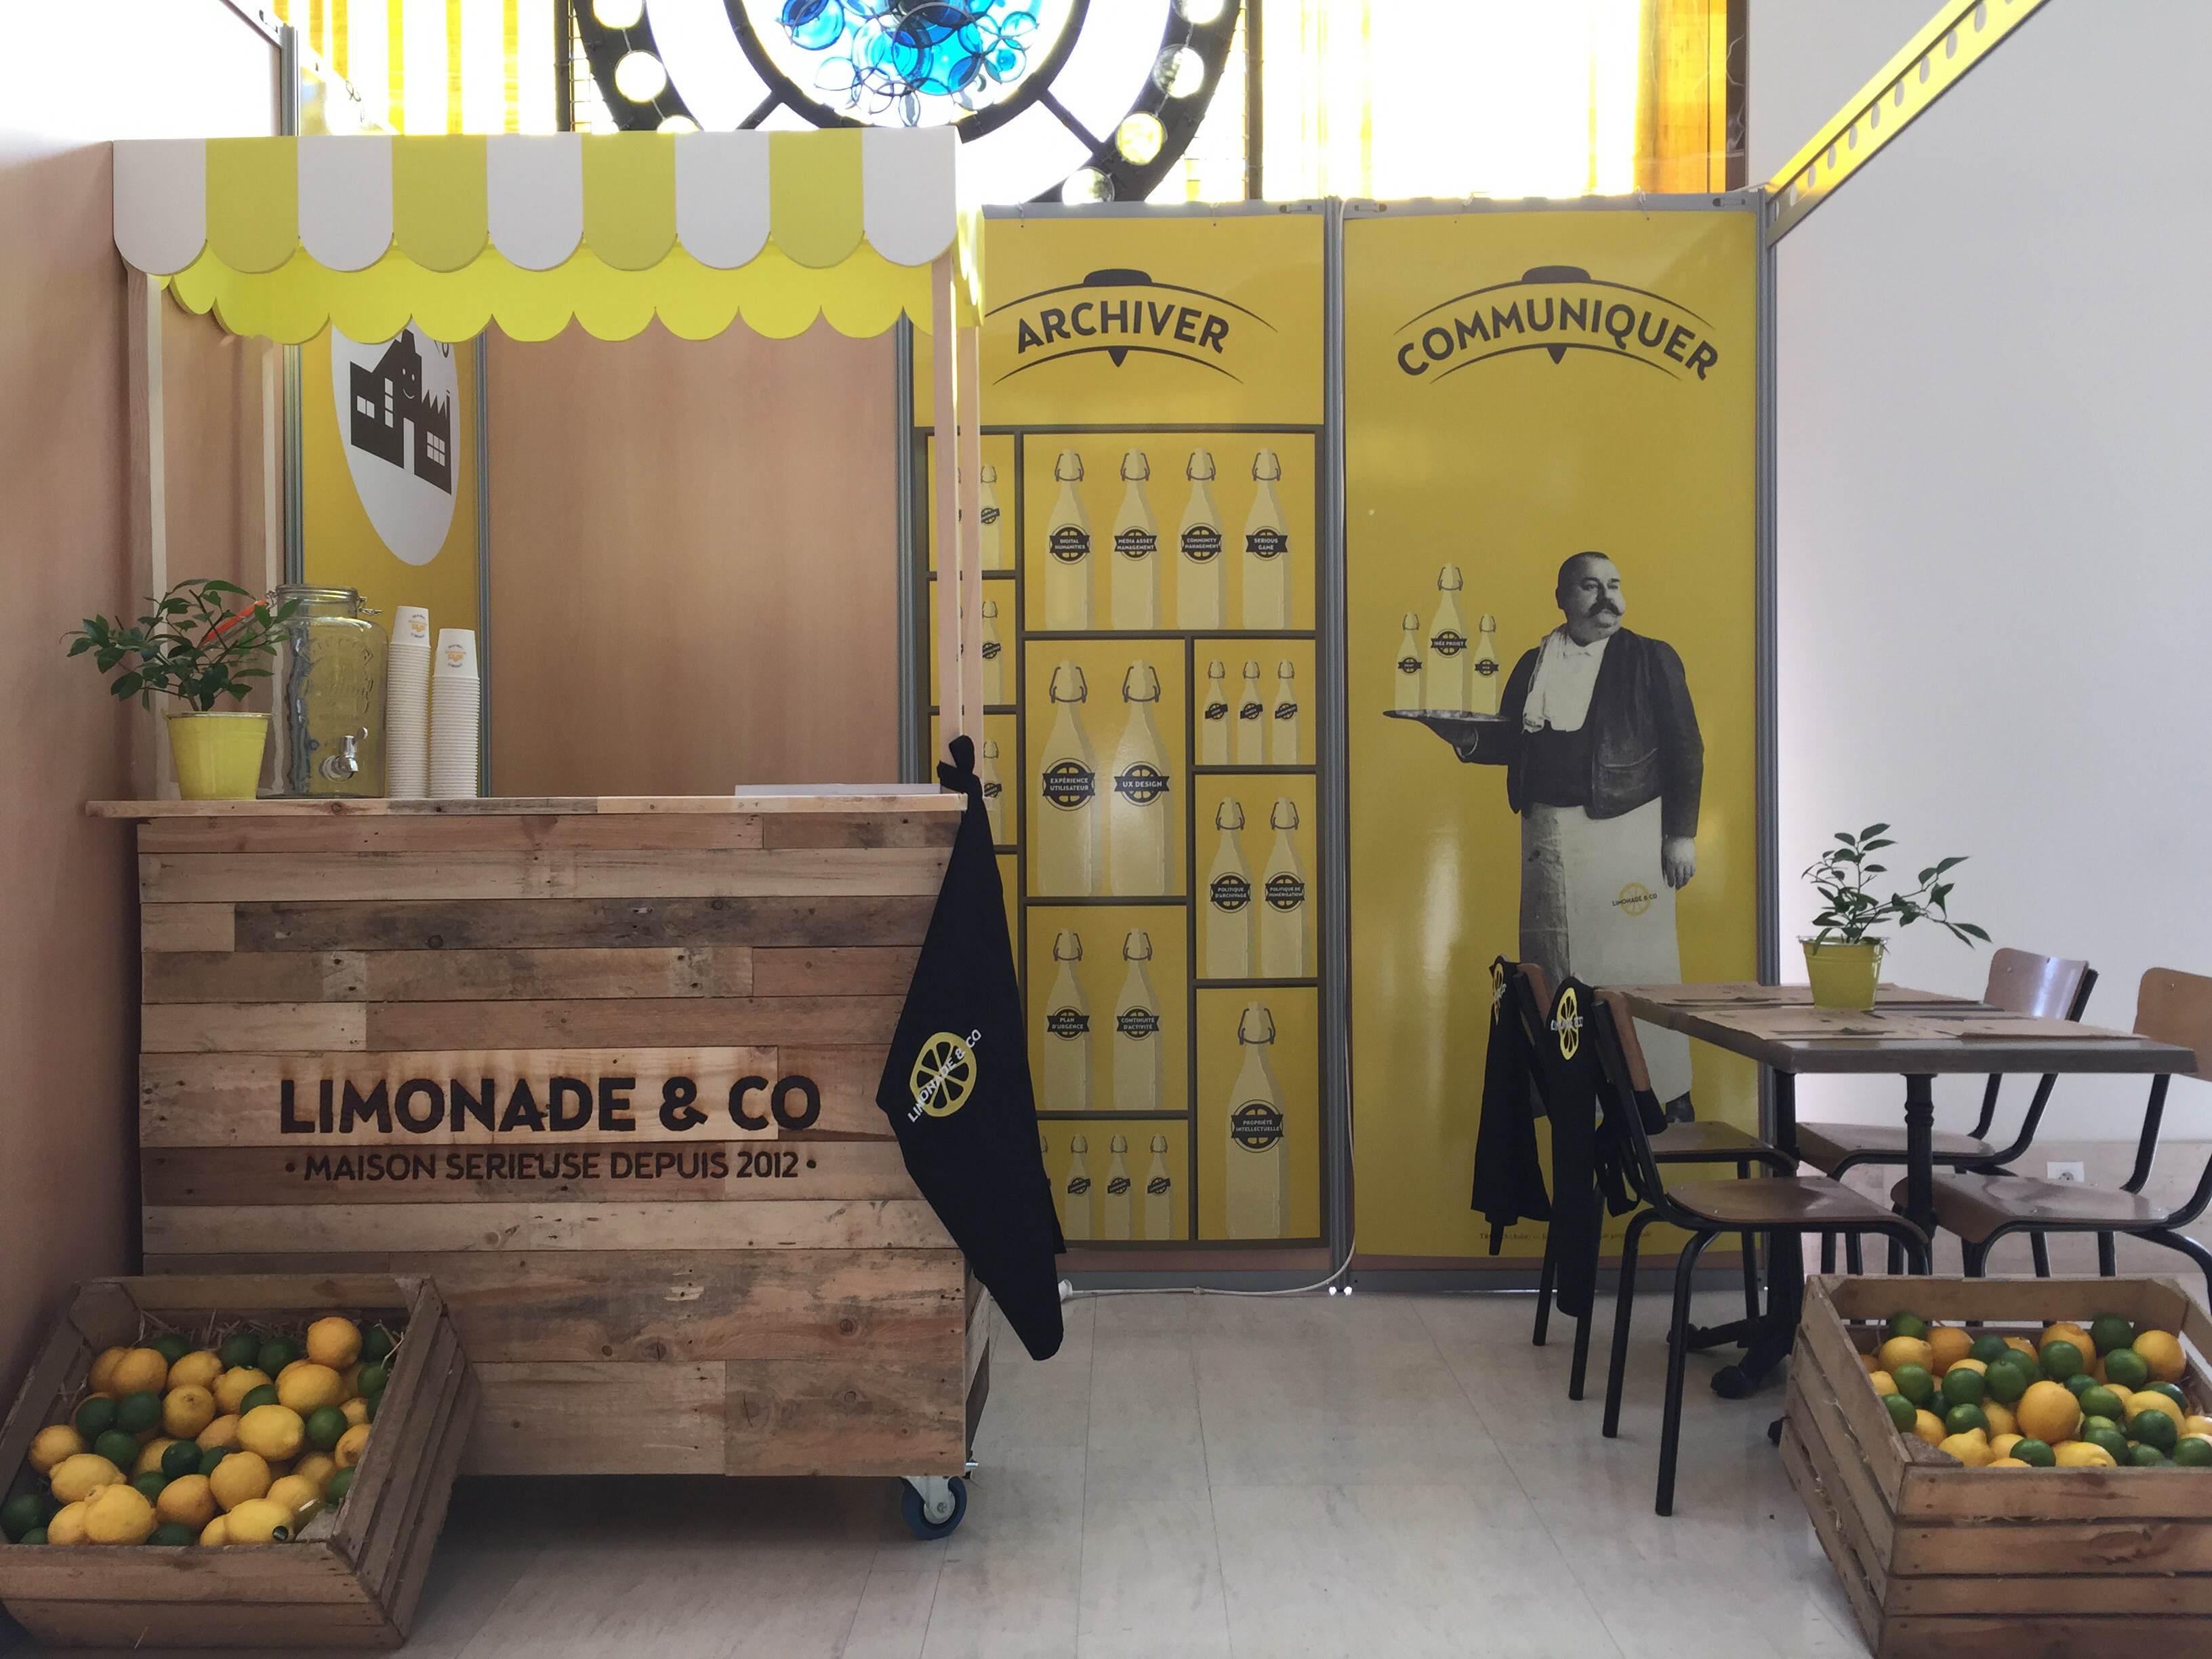 Un stand pour l'agence Limonade & co